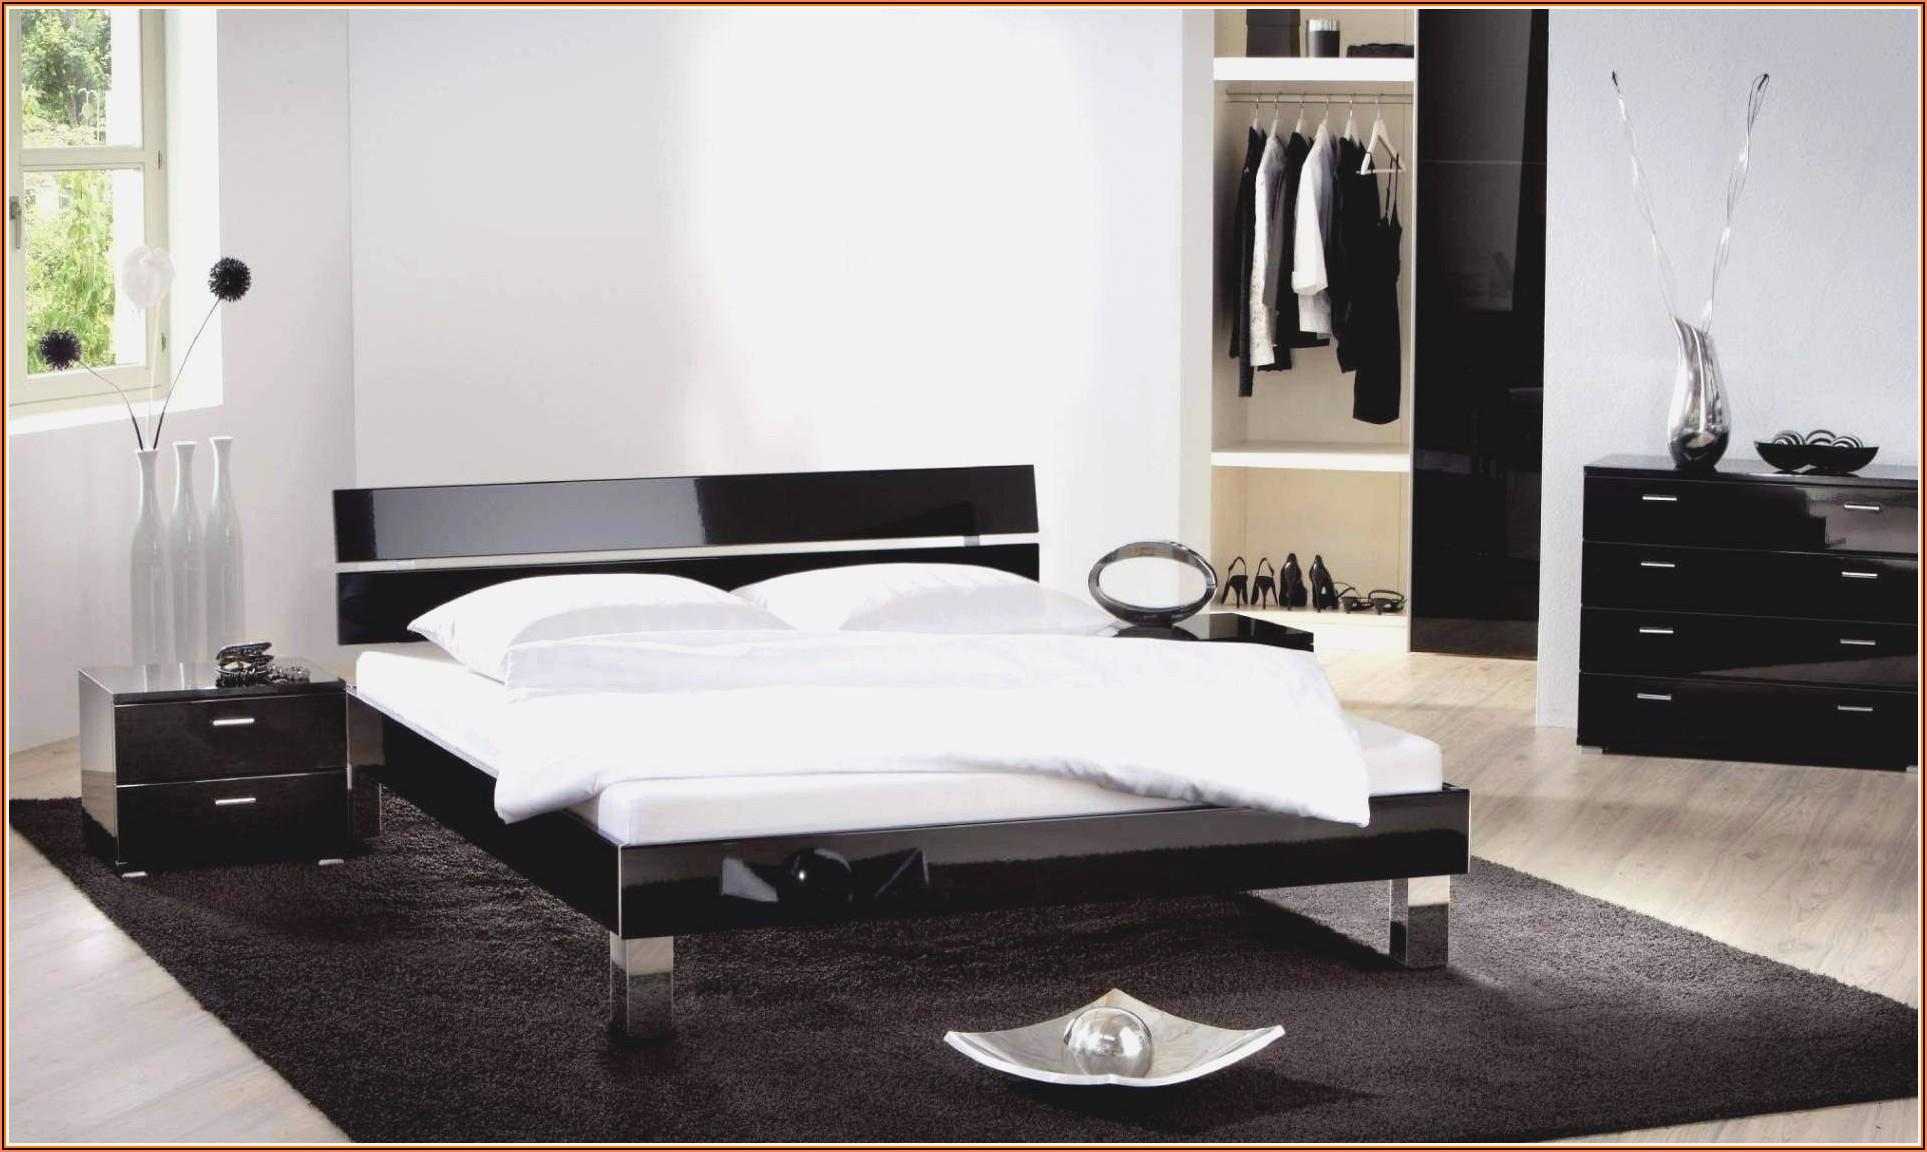 Bilder Schlafzimmer Maritim